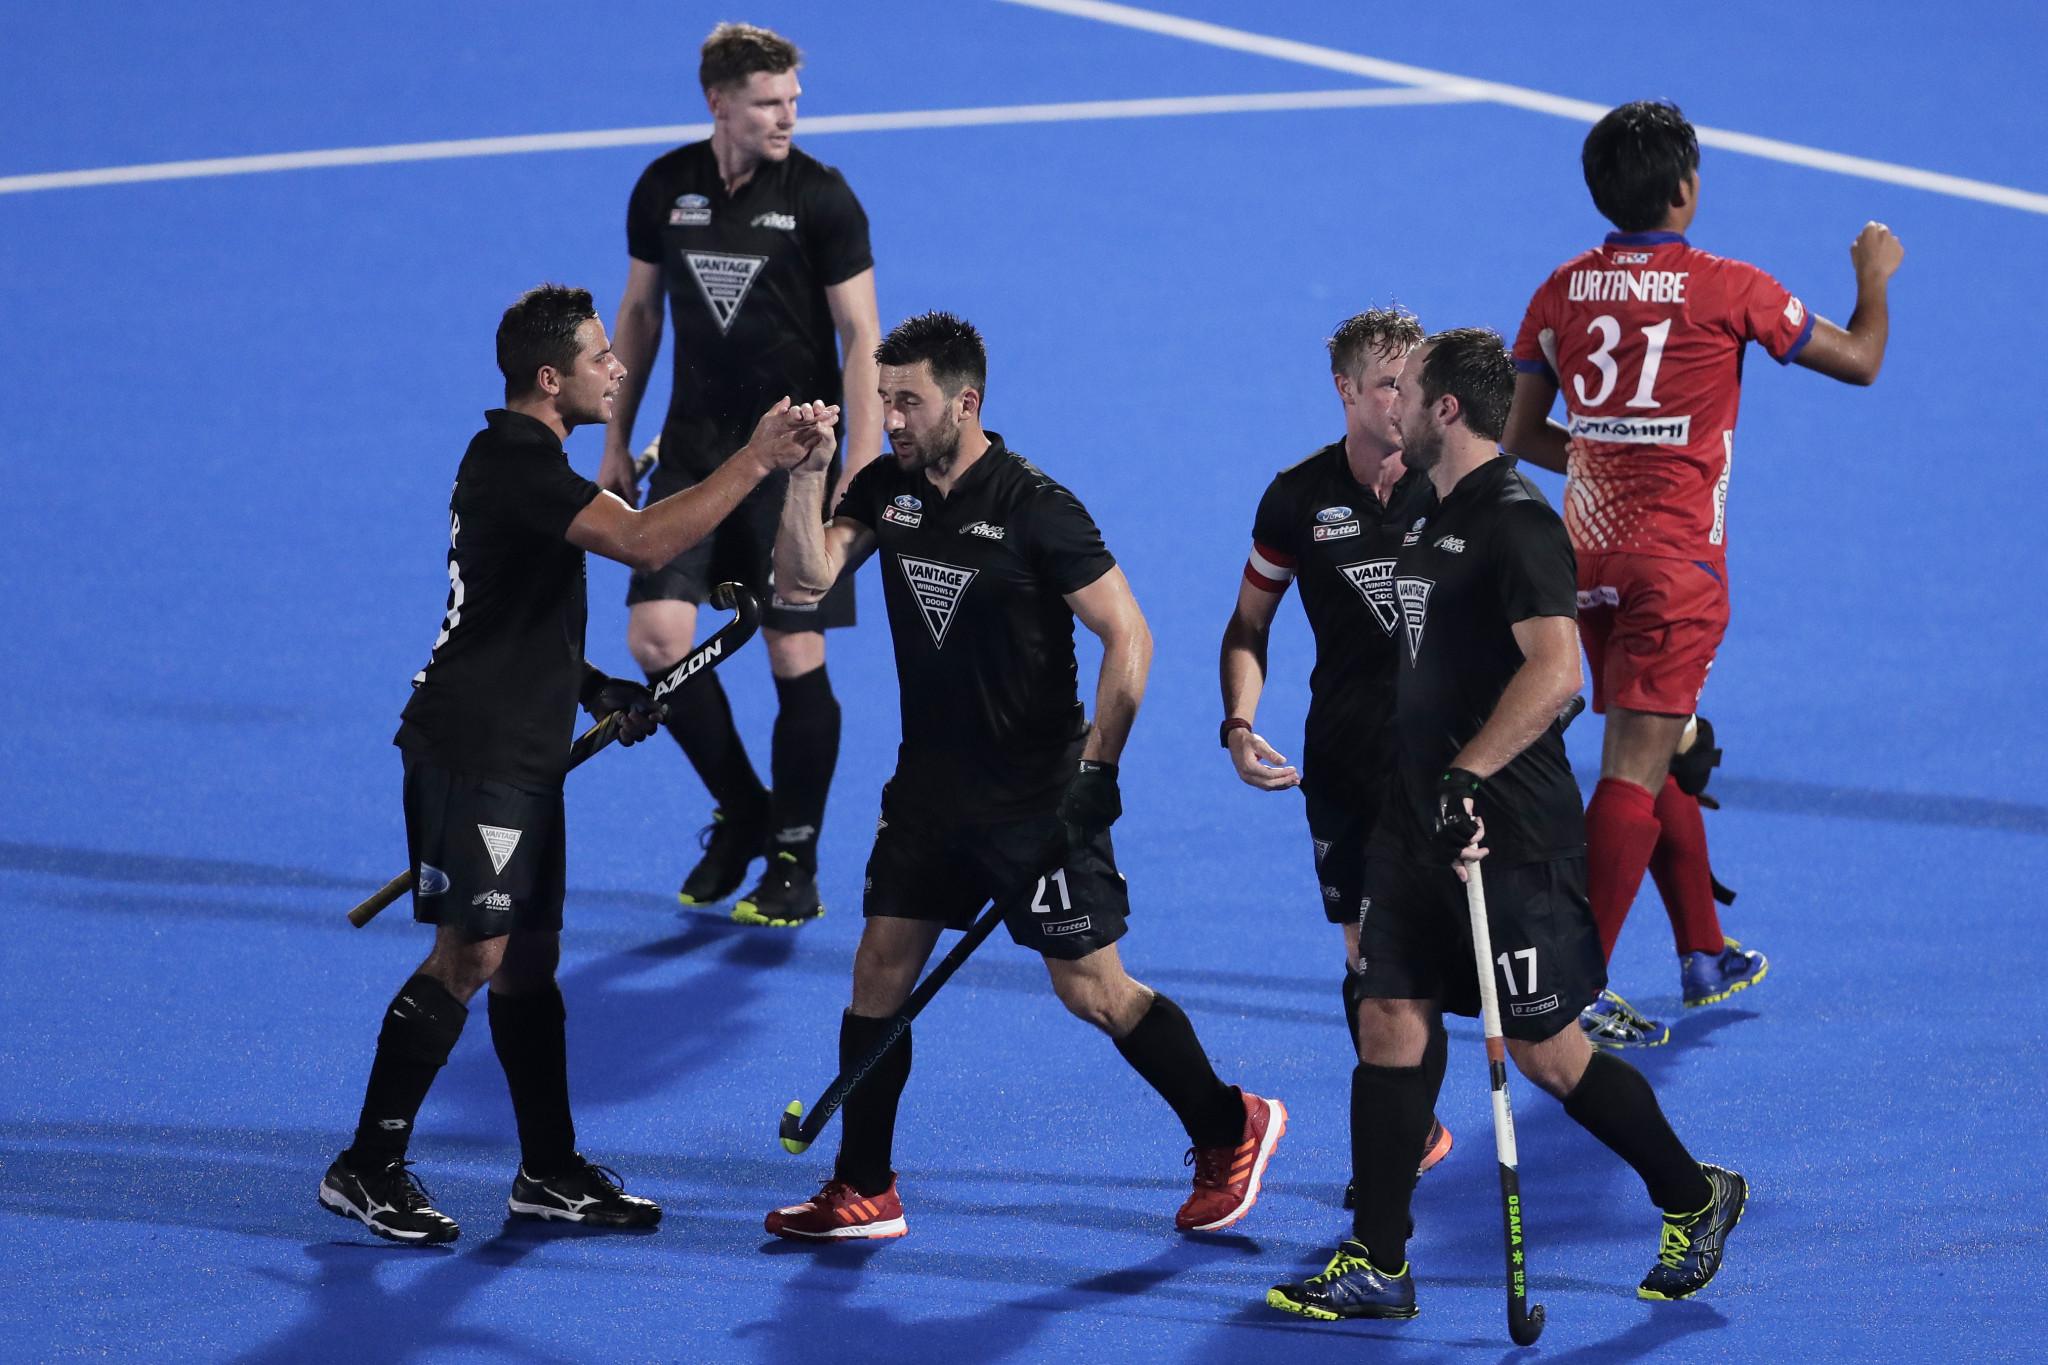 New Zealand reach men's final at Tokyo 2020 hockey test event